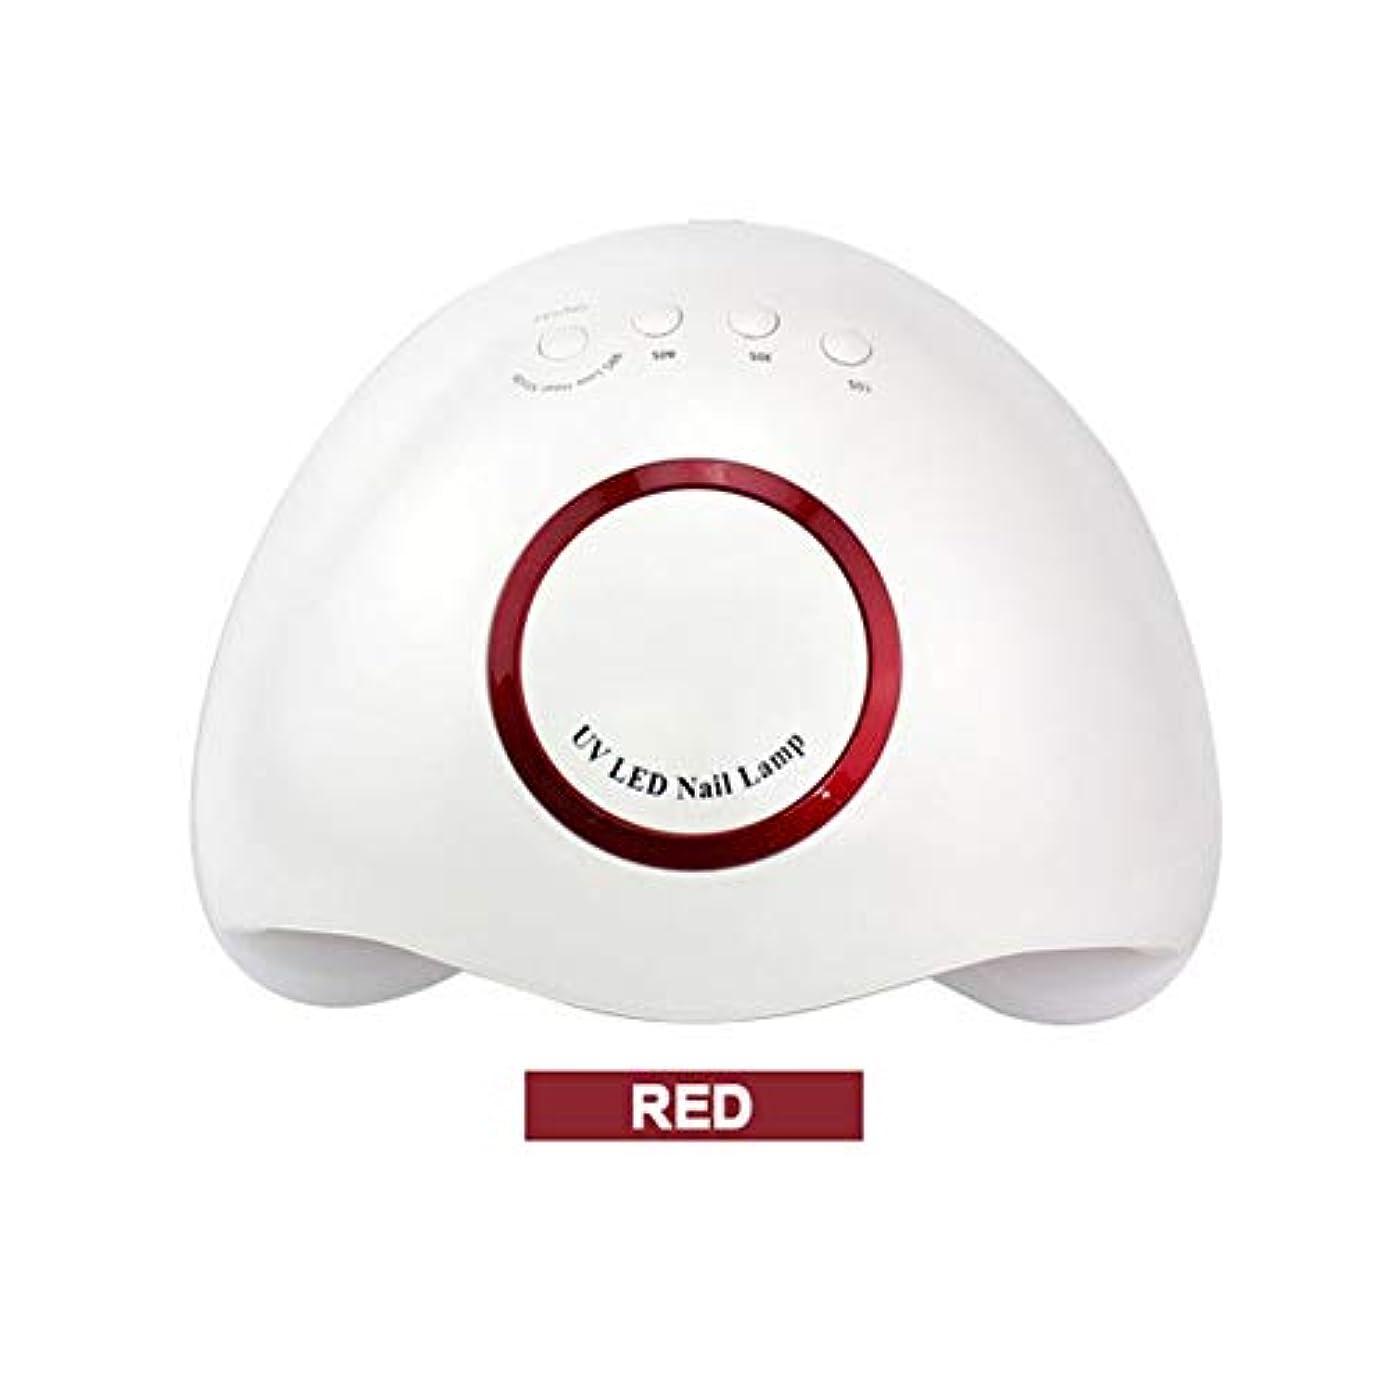 ずんぐりしたこっそり同封する48W24ランプビーズ第3ギアタイミング無痛モードジェルネイルライトポリッシュ硬化乾燥機,Red